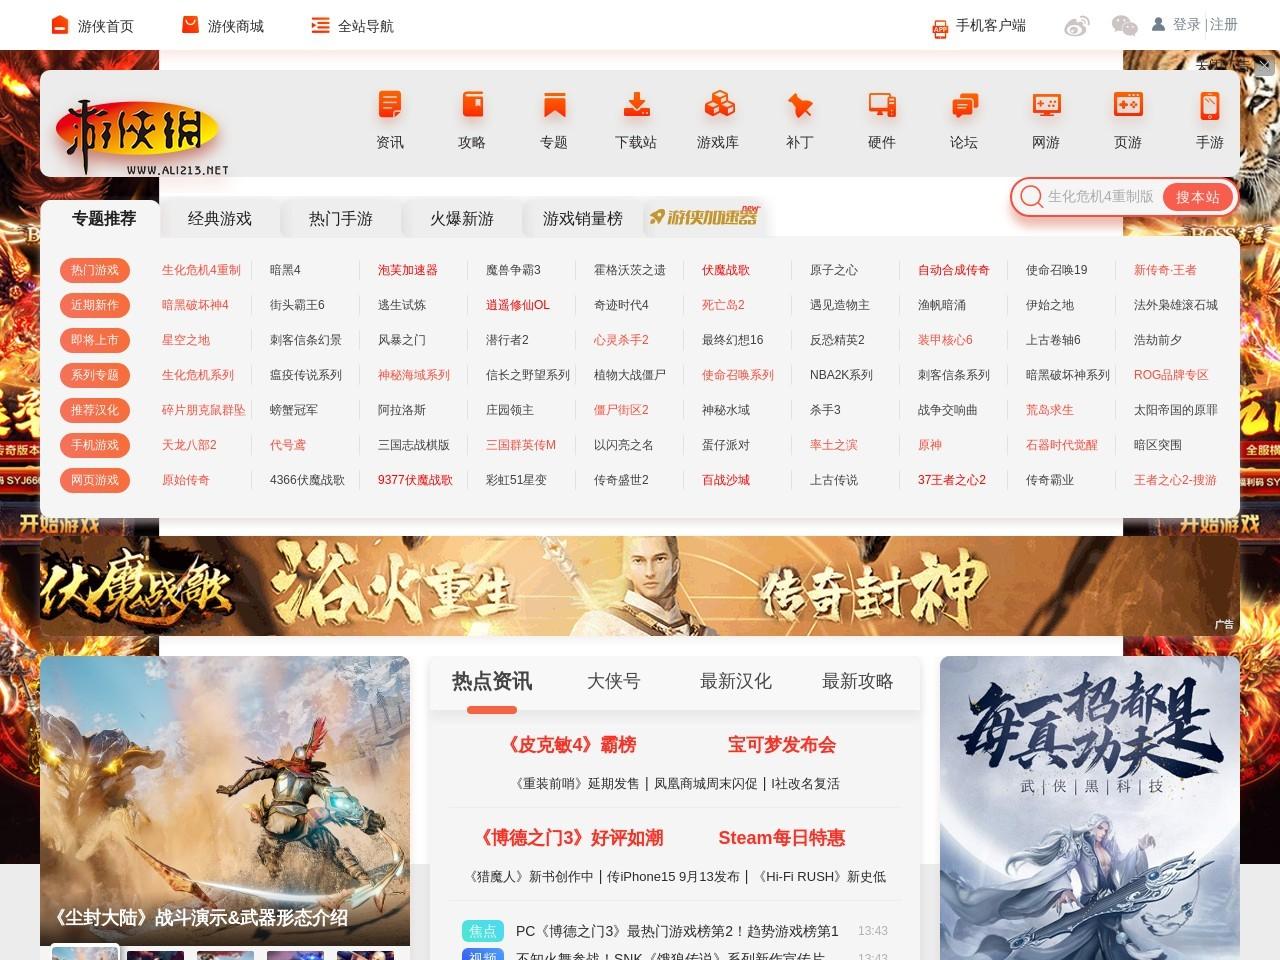 超自然惊悚片!阿曼达·塞弗里德《所见所闻》曝预告!_游侠网 Ali213.net